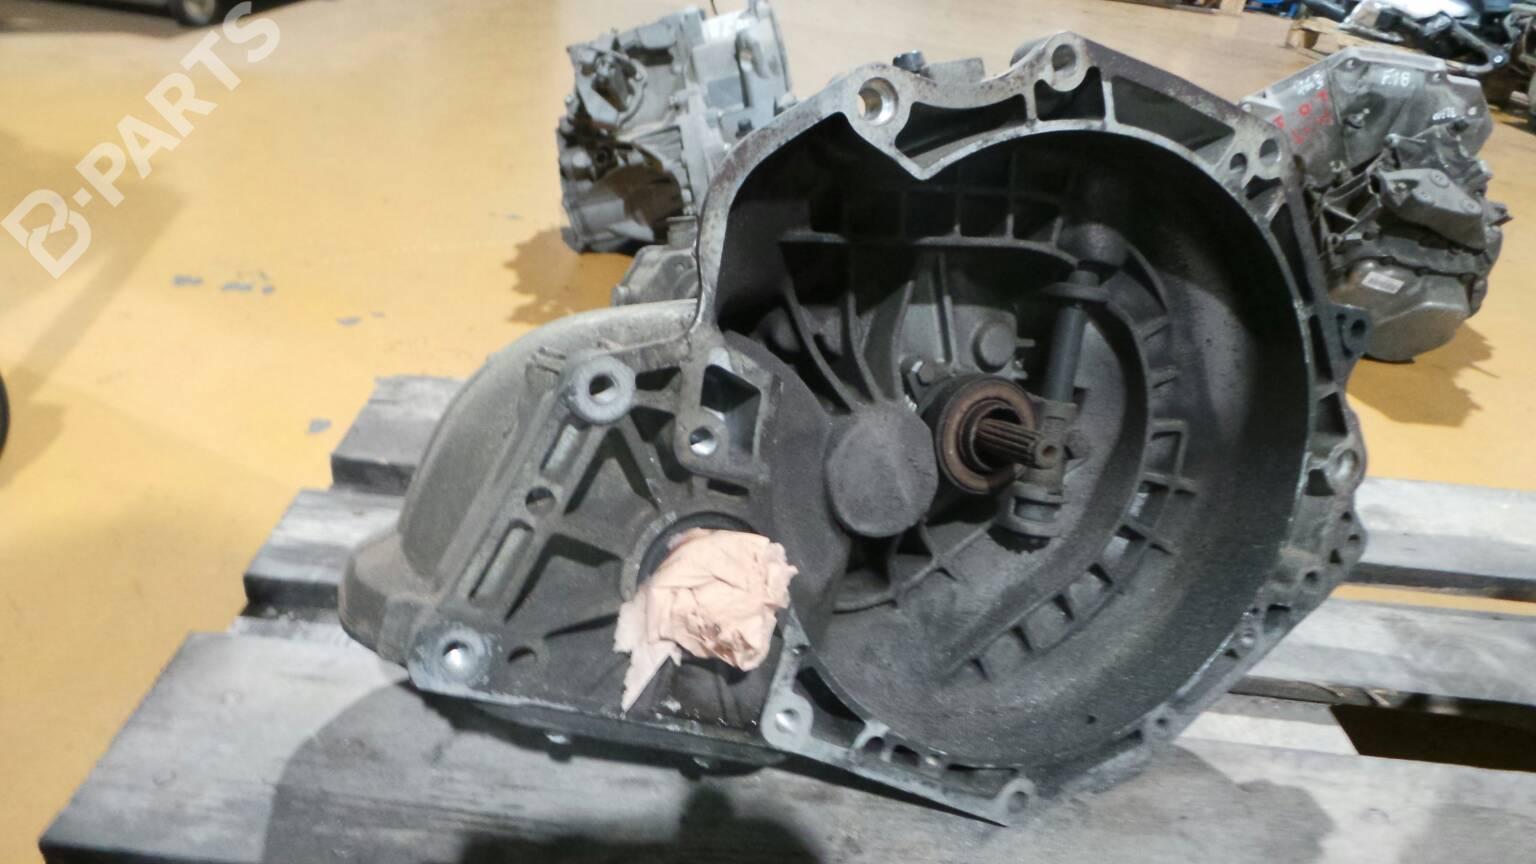 manual gearbox opel astra f 56 57 1 7 td 32311 rh b parts com Pistol Astra F Opel Astra F